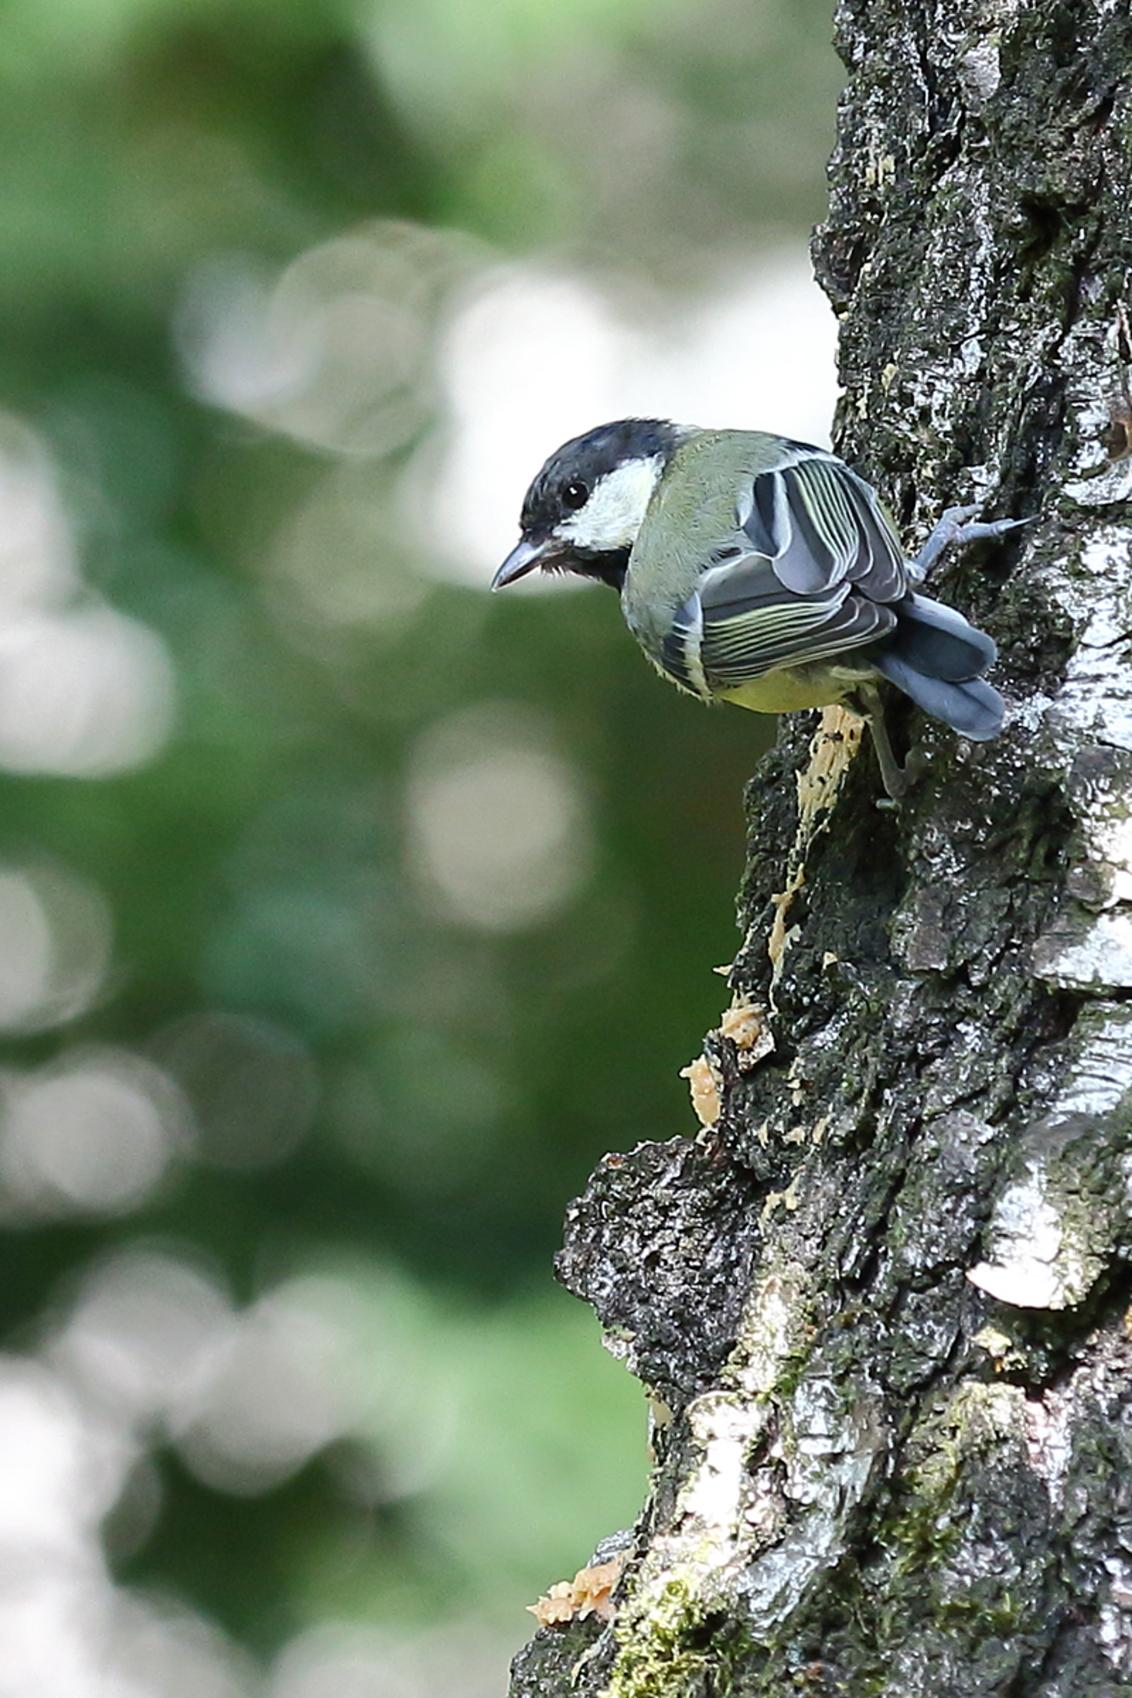 zijn ogen de kost geven - koolmees komt op de vogelpindakaas af - foto door AnneliesV op 14-03-2021 - deze foto bevat: natuur, dieren, vogel, koolmees